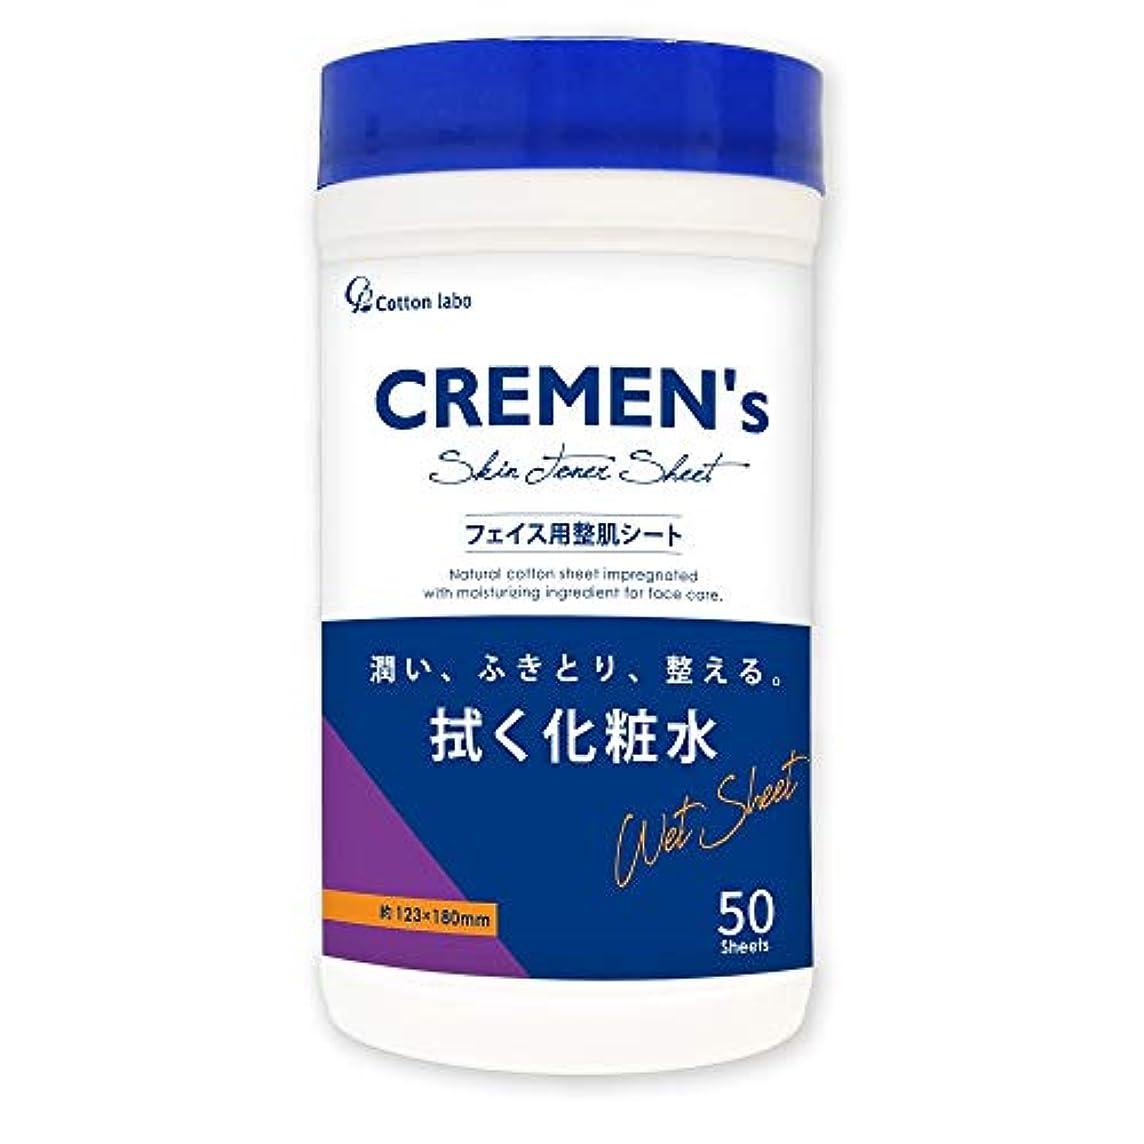 側罪人人口CREMEN's(クレメンズ) フェイス用ふきとりシート スキントナーシート 50枚